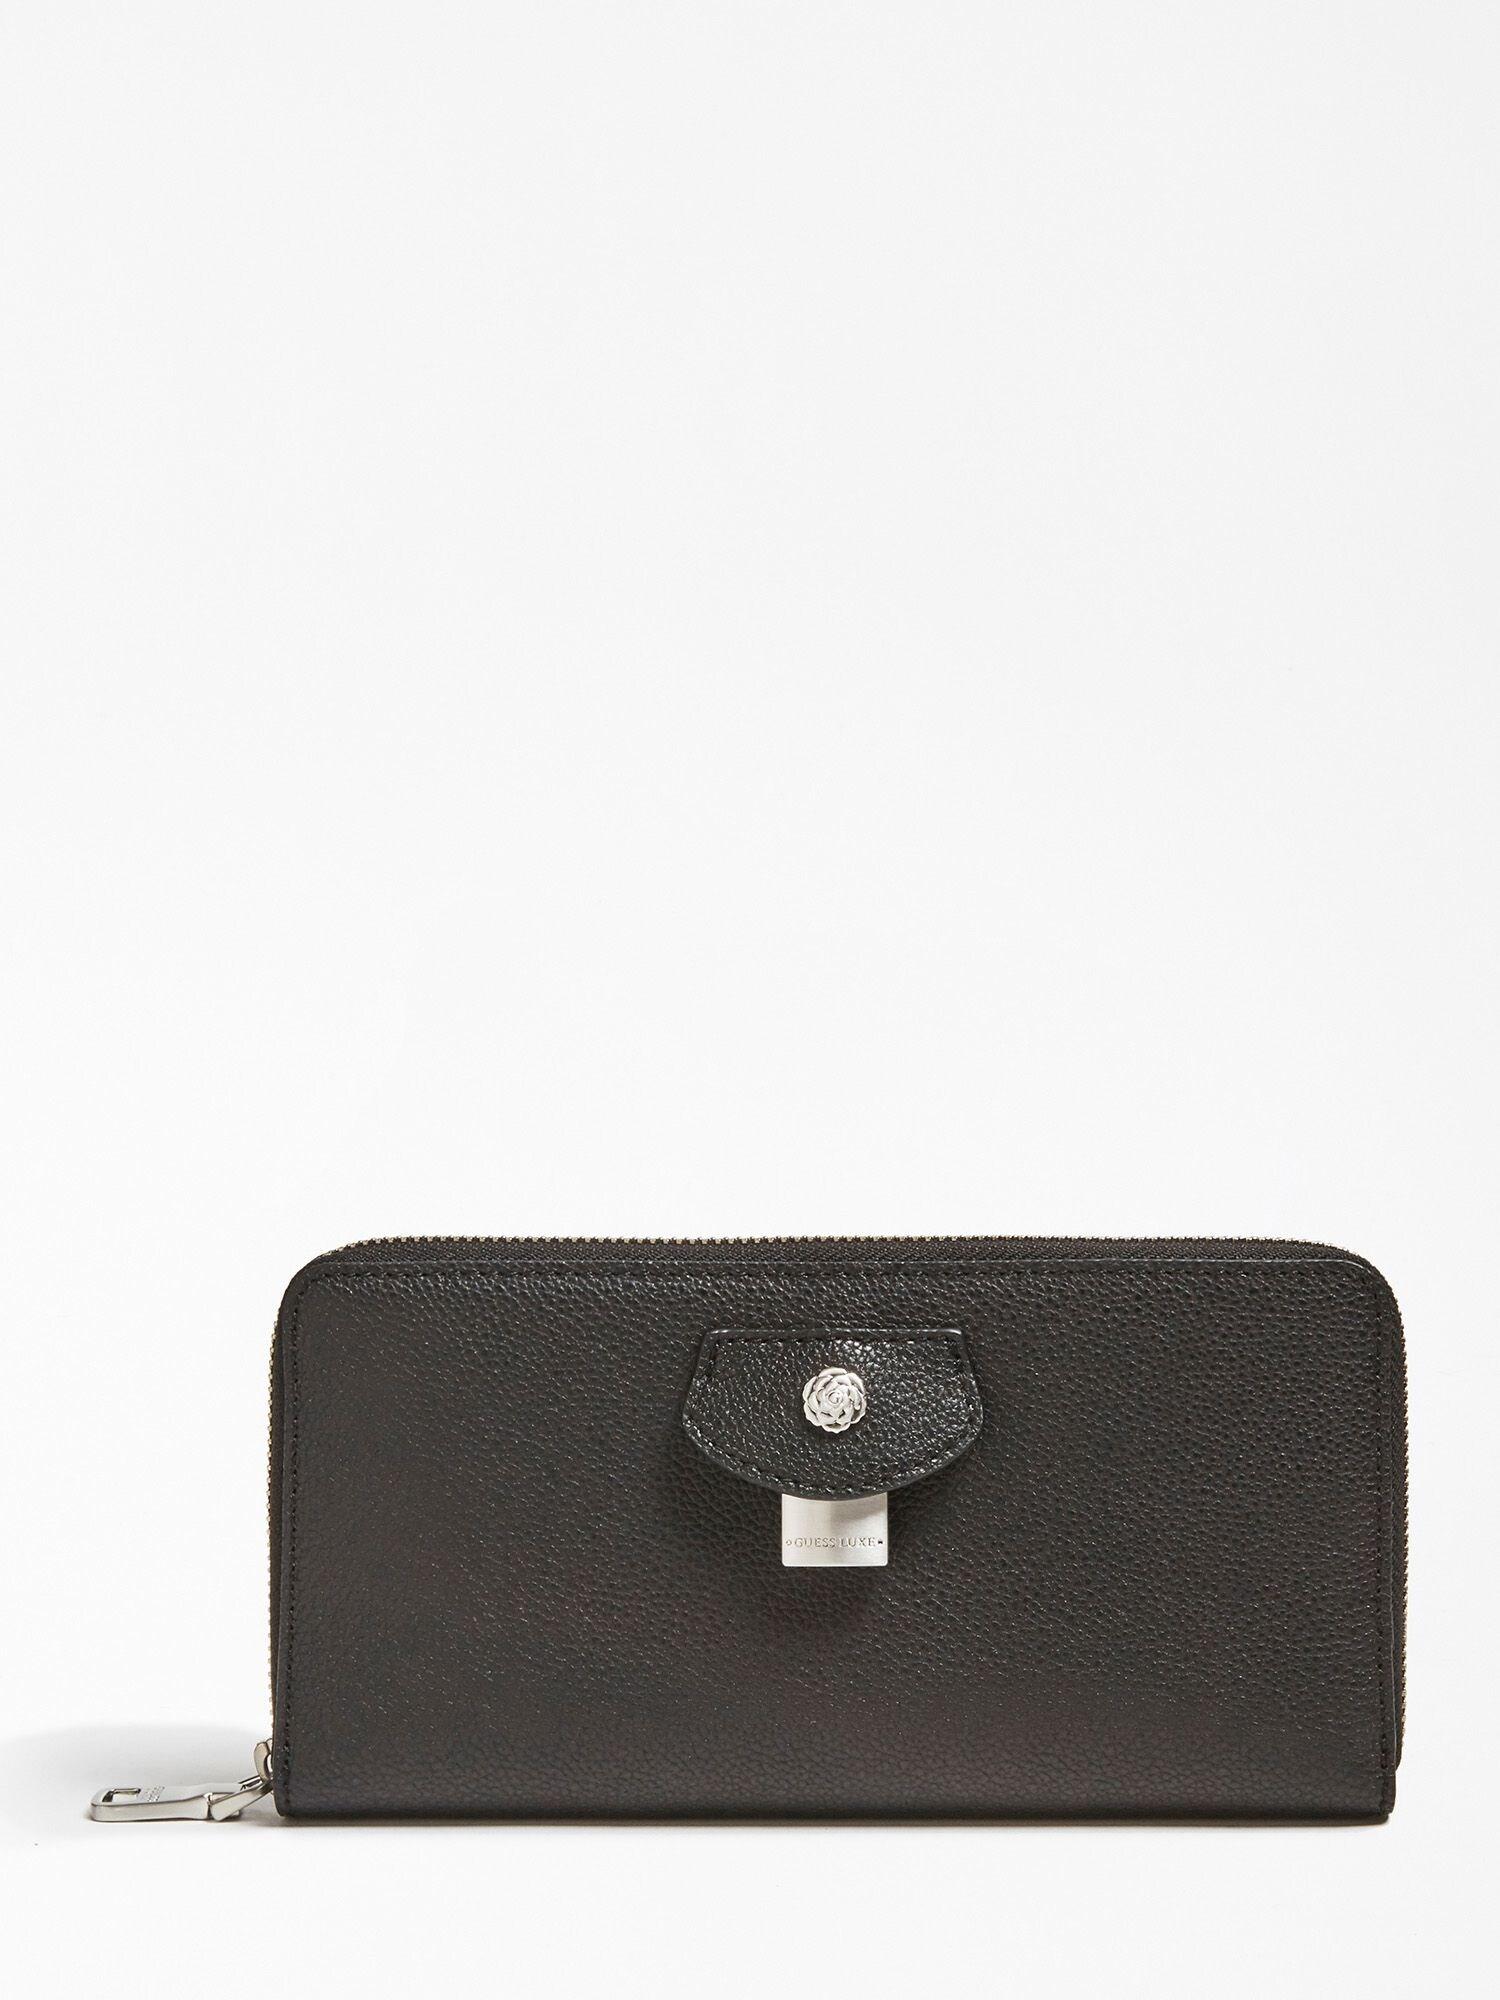 Brieftasche 'Olivia' | Accessoires > Portemonnaies > Brieftaschen | Schwarz | Guess